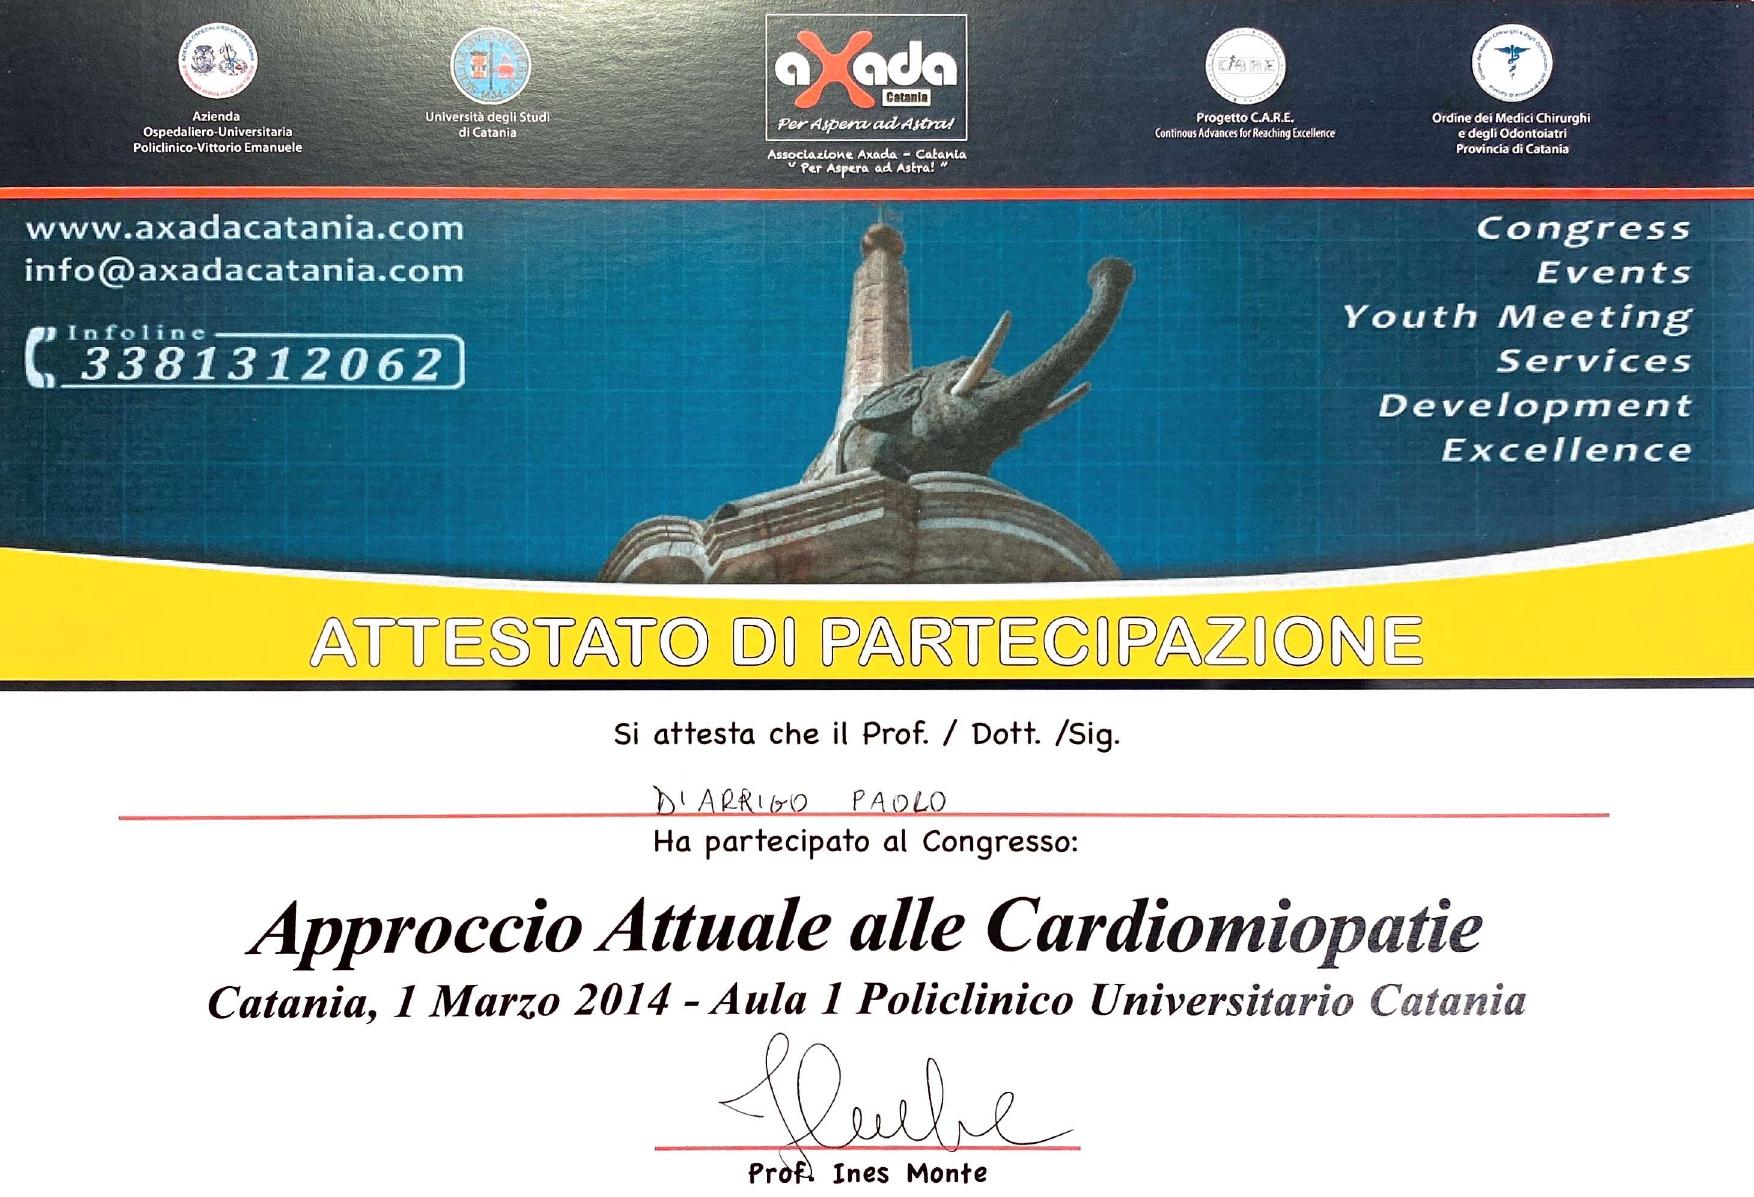 Approccio attuale alle cardiomiopatie_pa